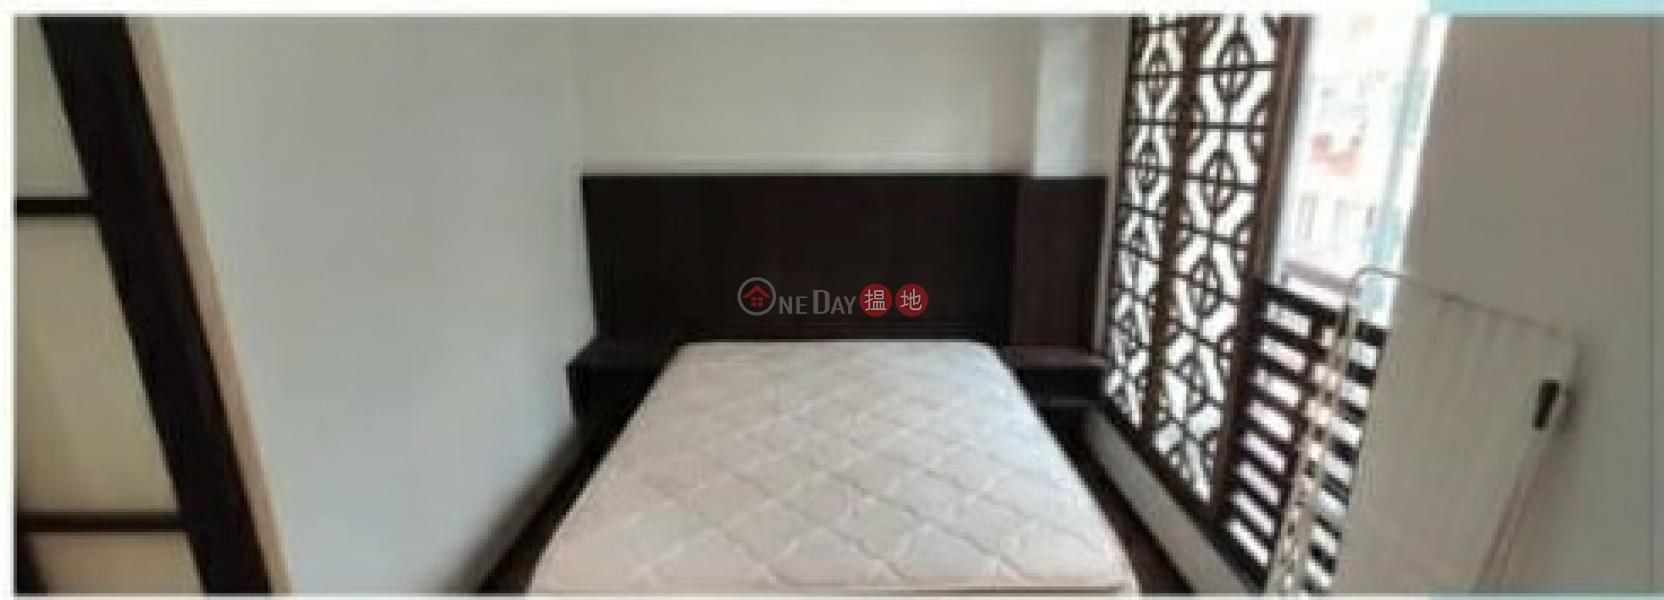 香港搵樓 租樓 二手盤 買樓  搵地   住宅 出售樓盤 **開放式單位,舒適雅緻**光猛多窗**近自動扶梯, 幾分鐘即可到達中環及蘇豪**